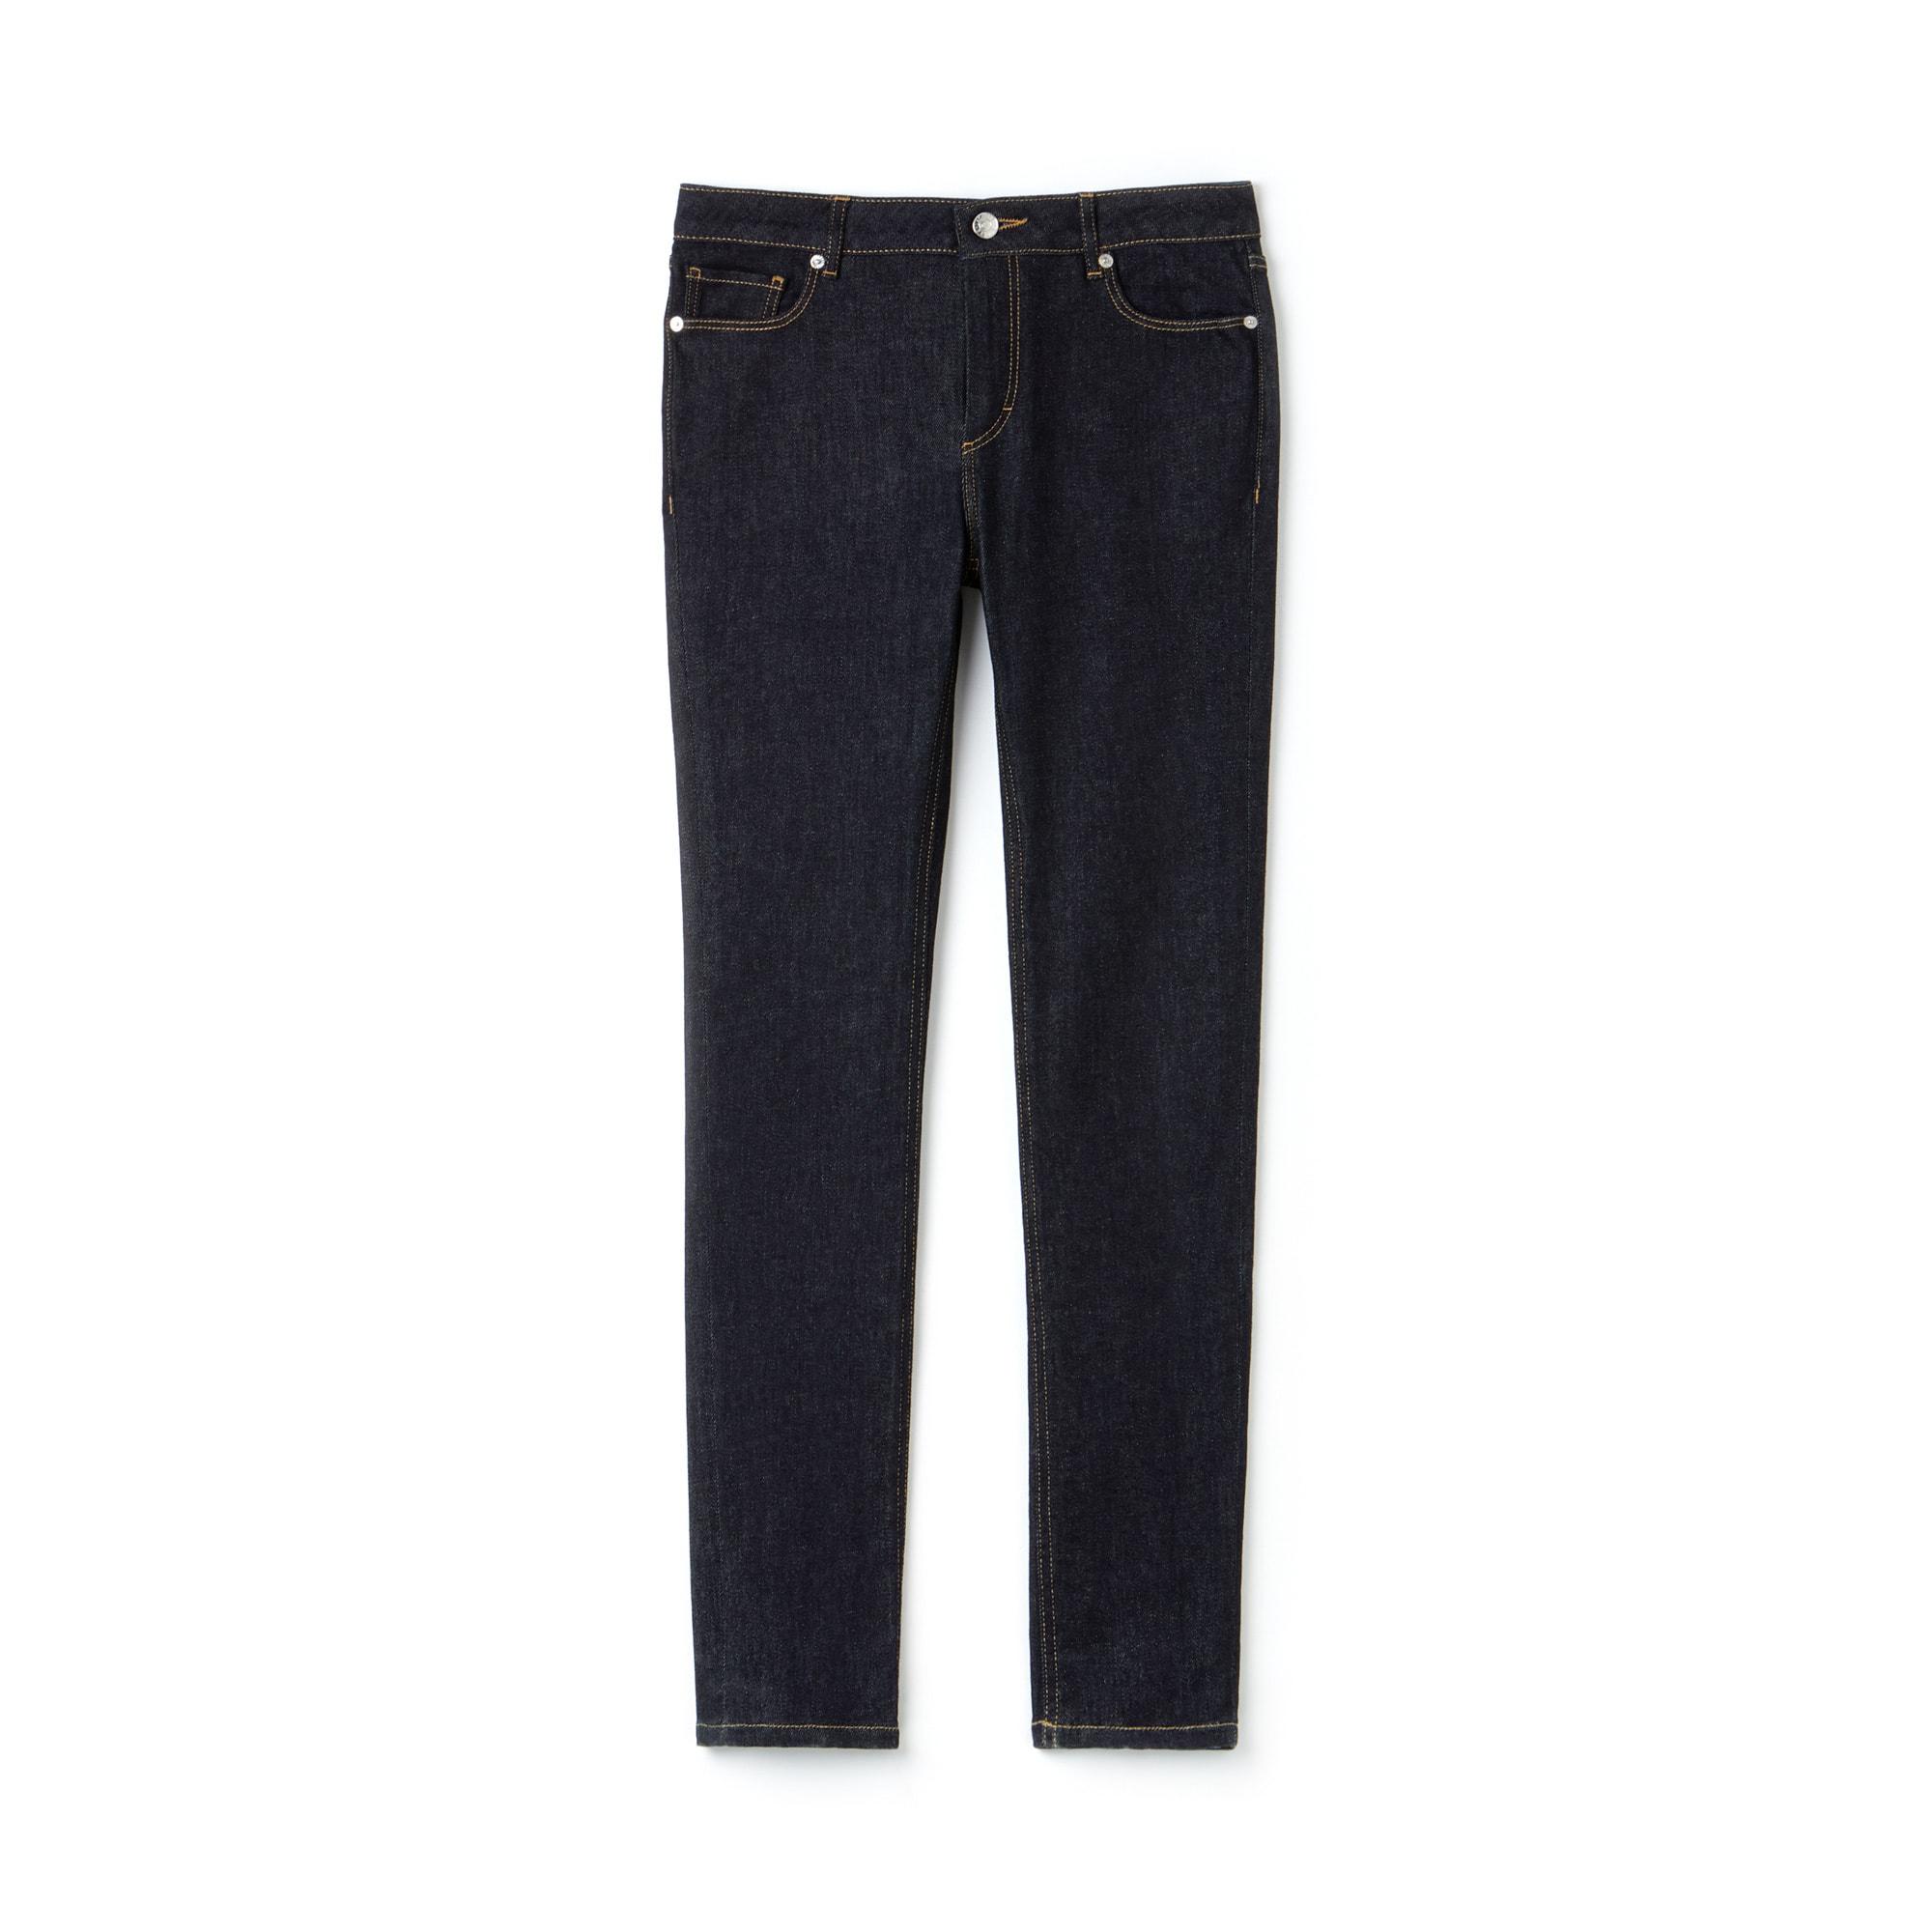 Jeans slim fit in denim di cotone stretch tinta unita